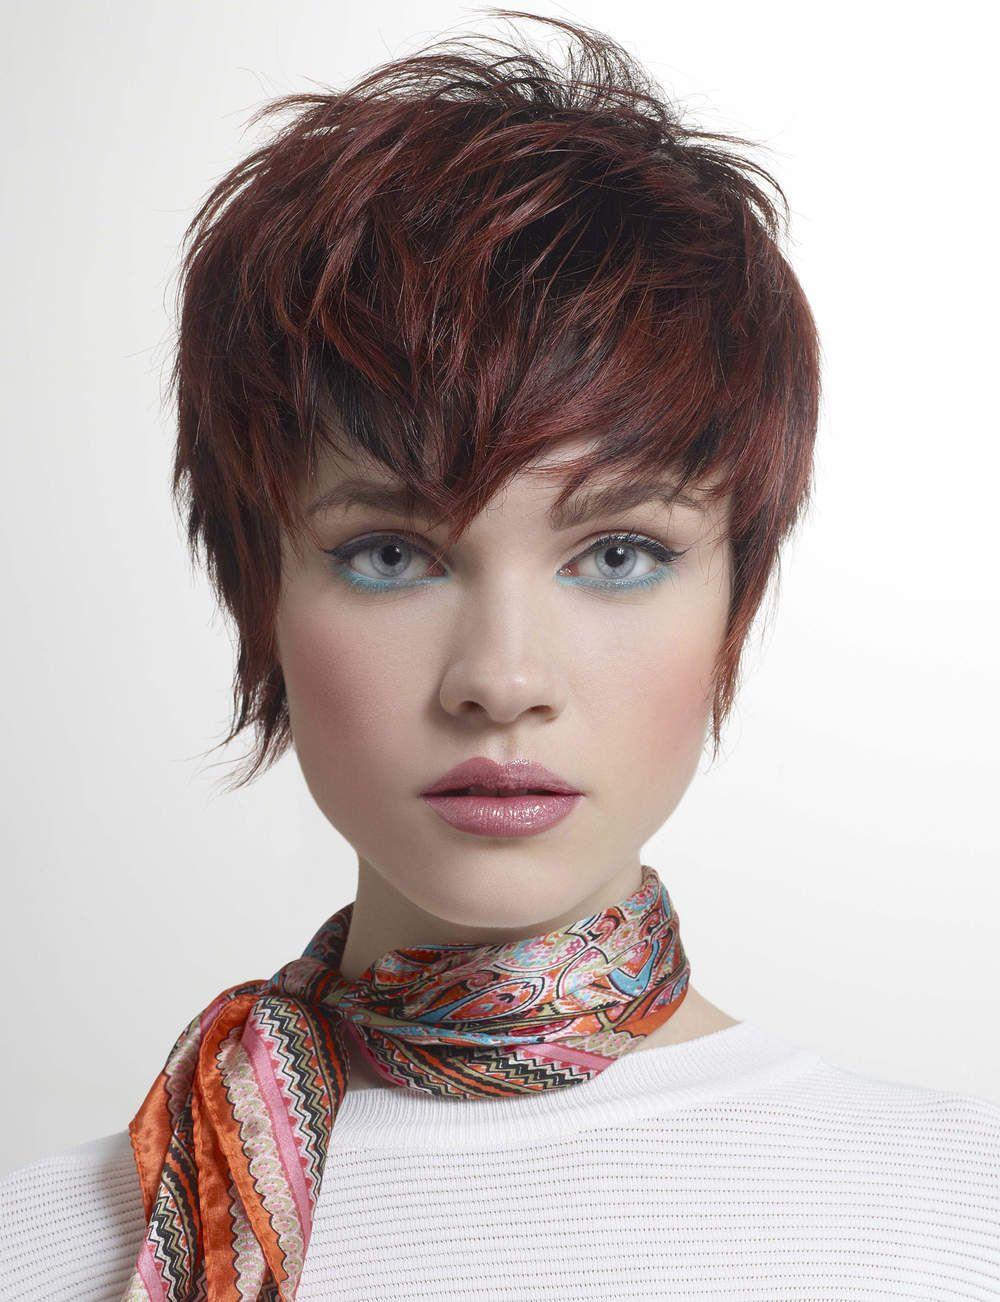 Le court effil coupe cheveux pinterest coupe coupe de cheveux et cheveux courts - Coiffures courtes degradees ...